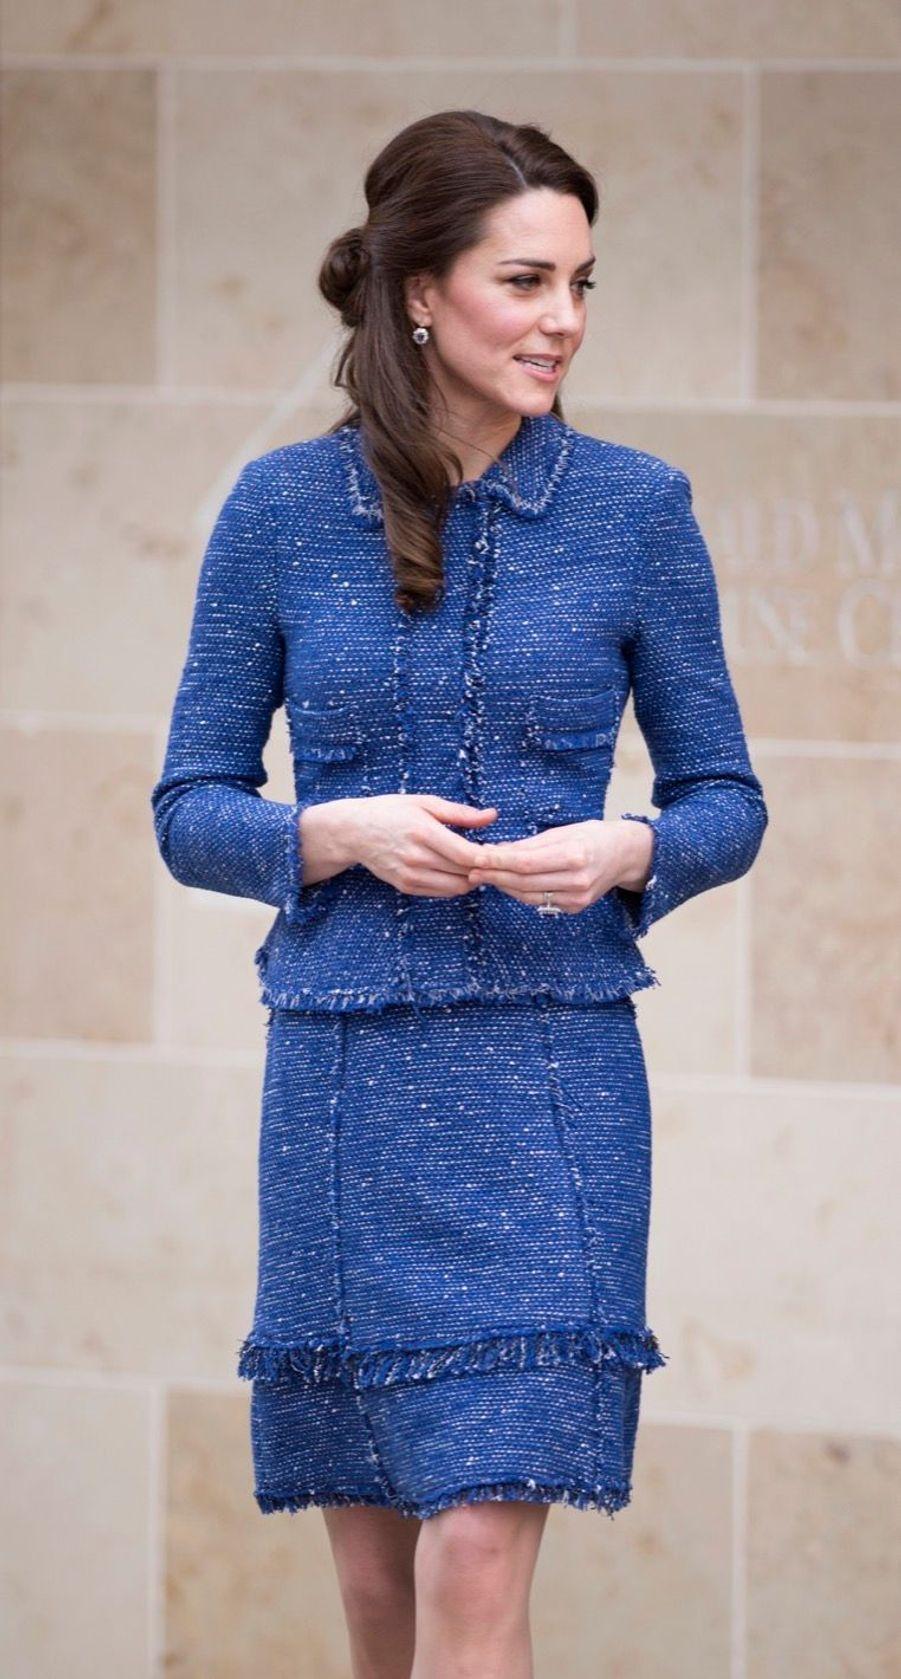 Kate Middleton À L'inauguration De La Maison Ronald McDonald À Londres, Le 28 Février 2017 2